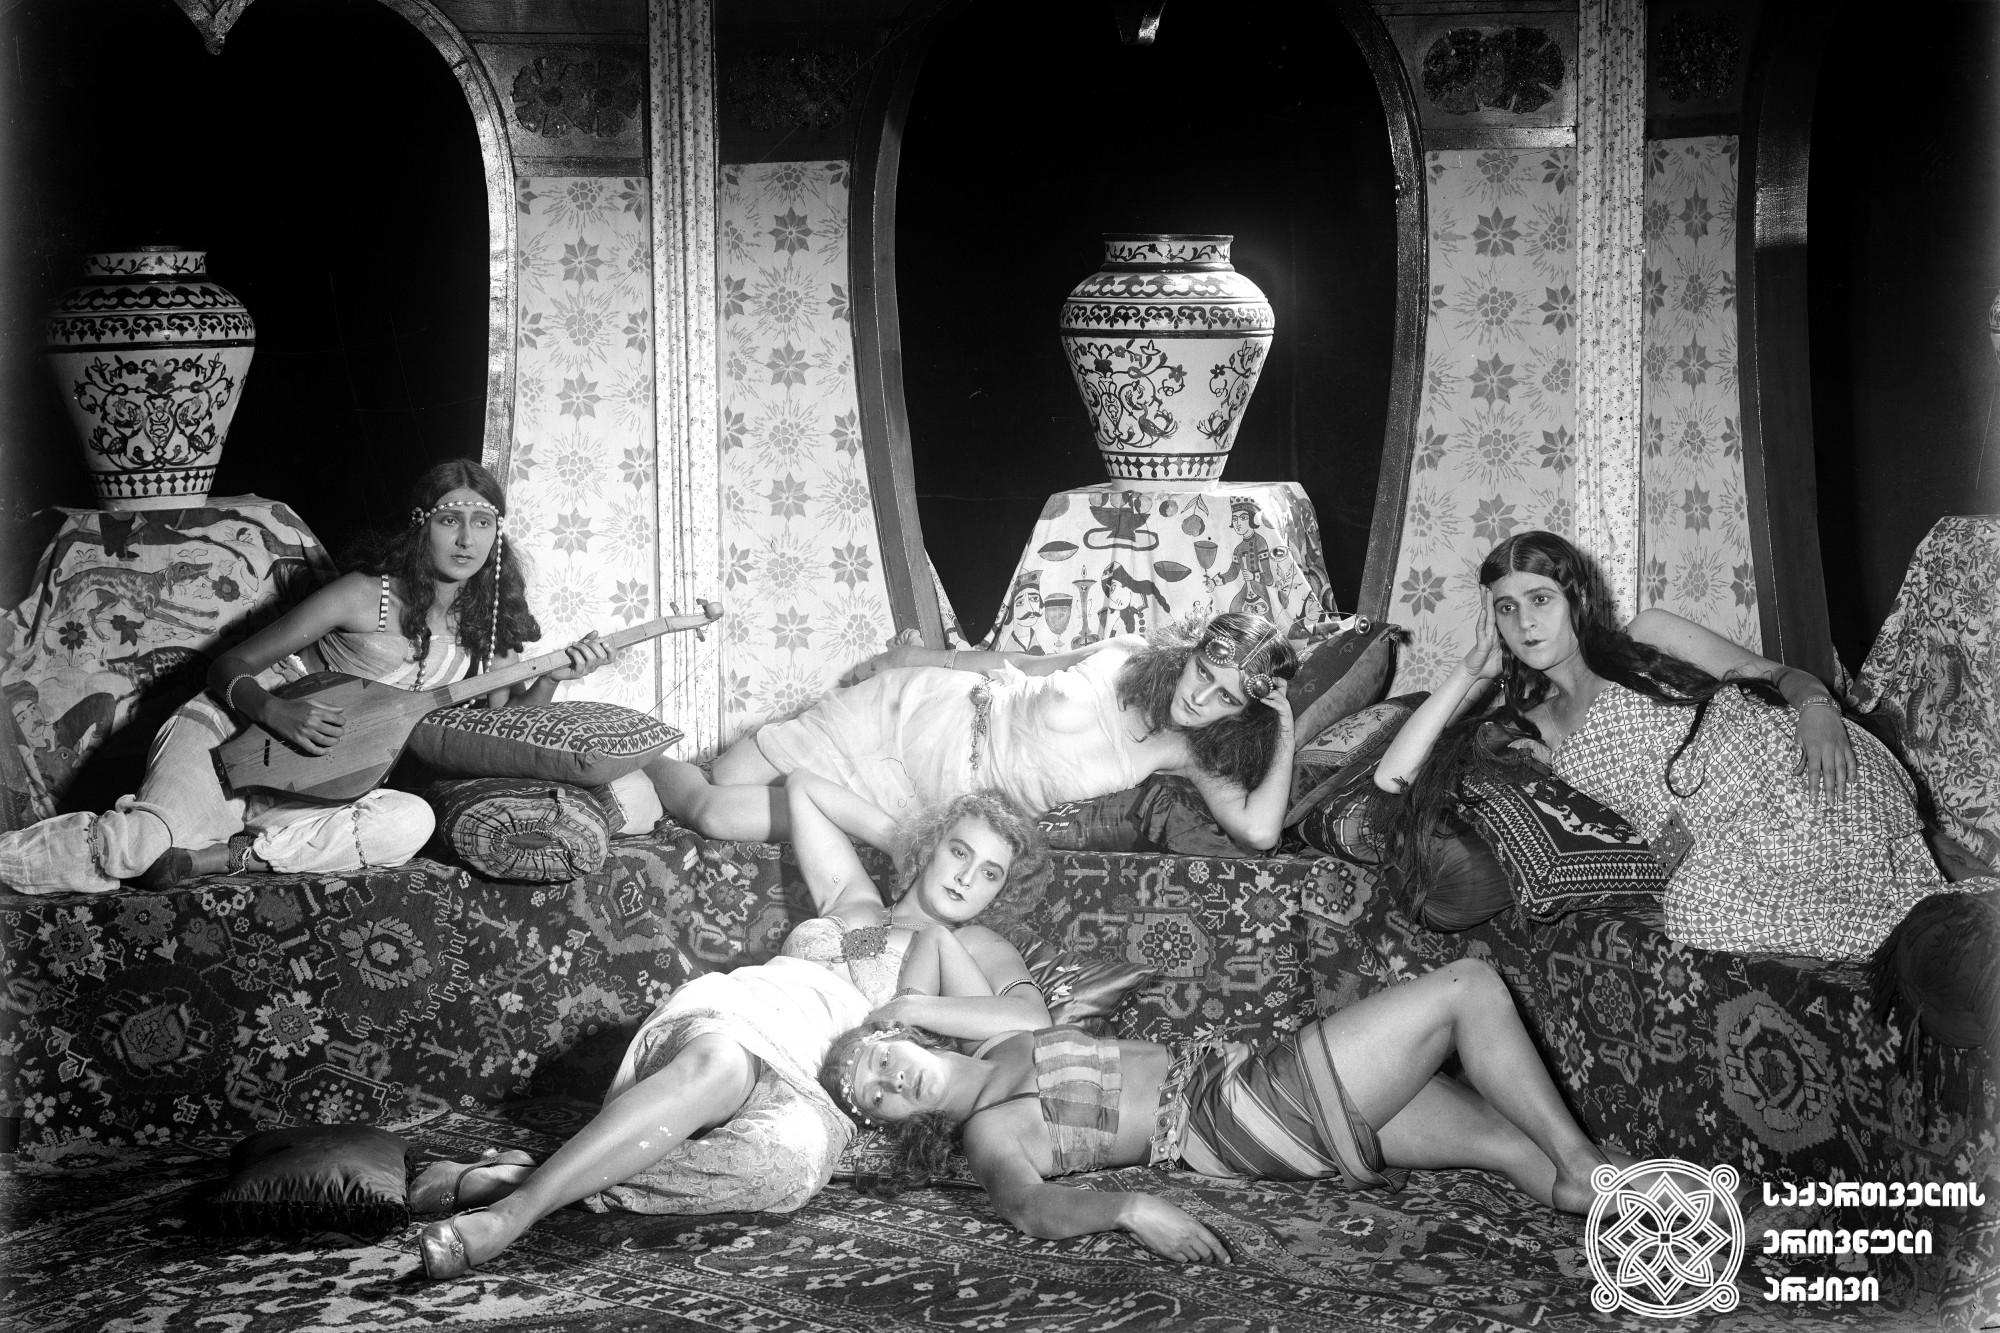 """""""ნათელა"""". 1926. <br> რეჟისორი: ამო ბეკ-ნაზაროვი. <br> სცენარის ავტორები: შ. შიშმარევი, ამო ბეკ-ნაზაროვი. <br> ოპერატორი: სერგეი ზაბოზლაევი.  <br>მხატვრები: ვალერიან სიდამონ-ერისთავი, ფიოფორი პუში  Natela. 1926. <br>  Director: Amo Bek-Nazarov. <br> Screenwriters: Sh. Shishmarev, Amo Bek-Nazarov. <br> Camera operator: Sergei Zabozlaev  <br>Production designers: Valerian Sidamon-eristavi, Fiodor Push."""